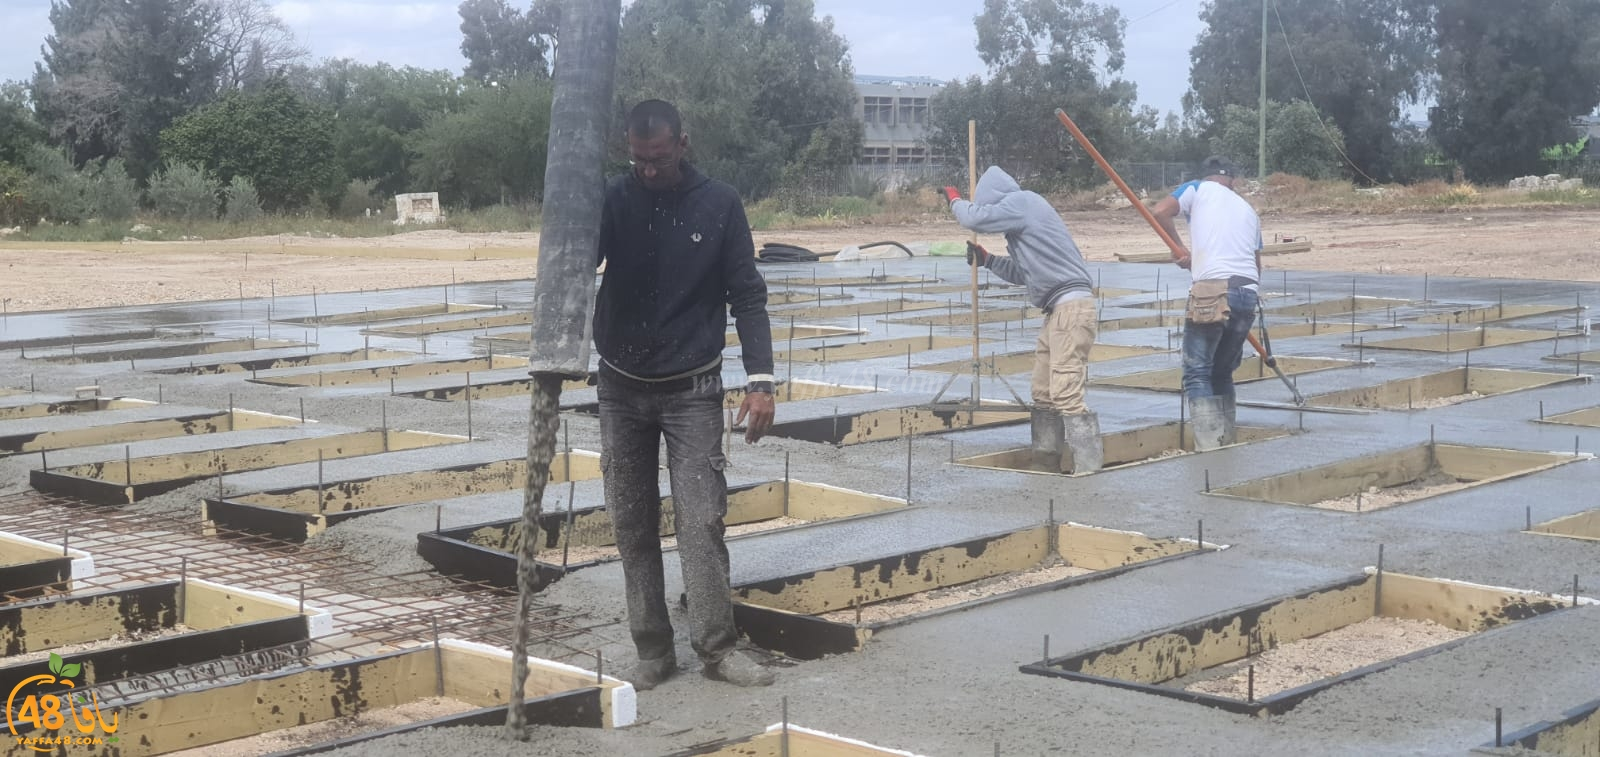 فيديو: البدء ببناء مسطحات القبور في المقبرة الجنوبية في مدينة اللد